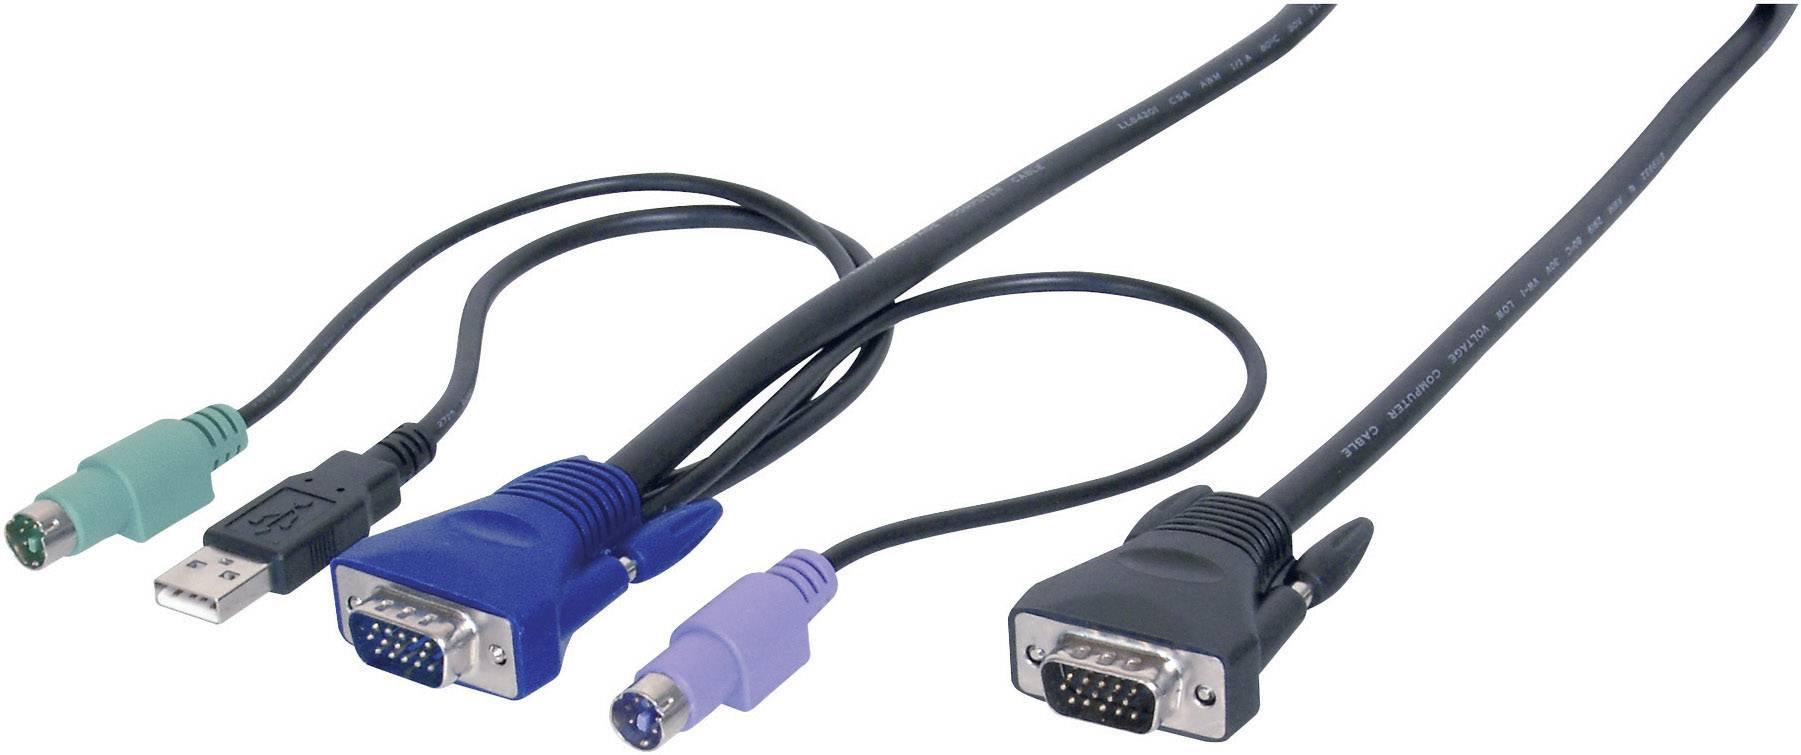 KVM kábel Digitus AK 82003, 5 m, čierna